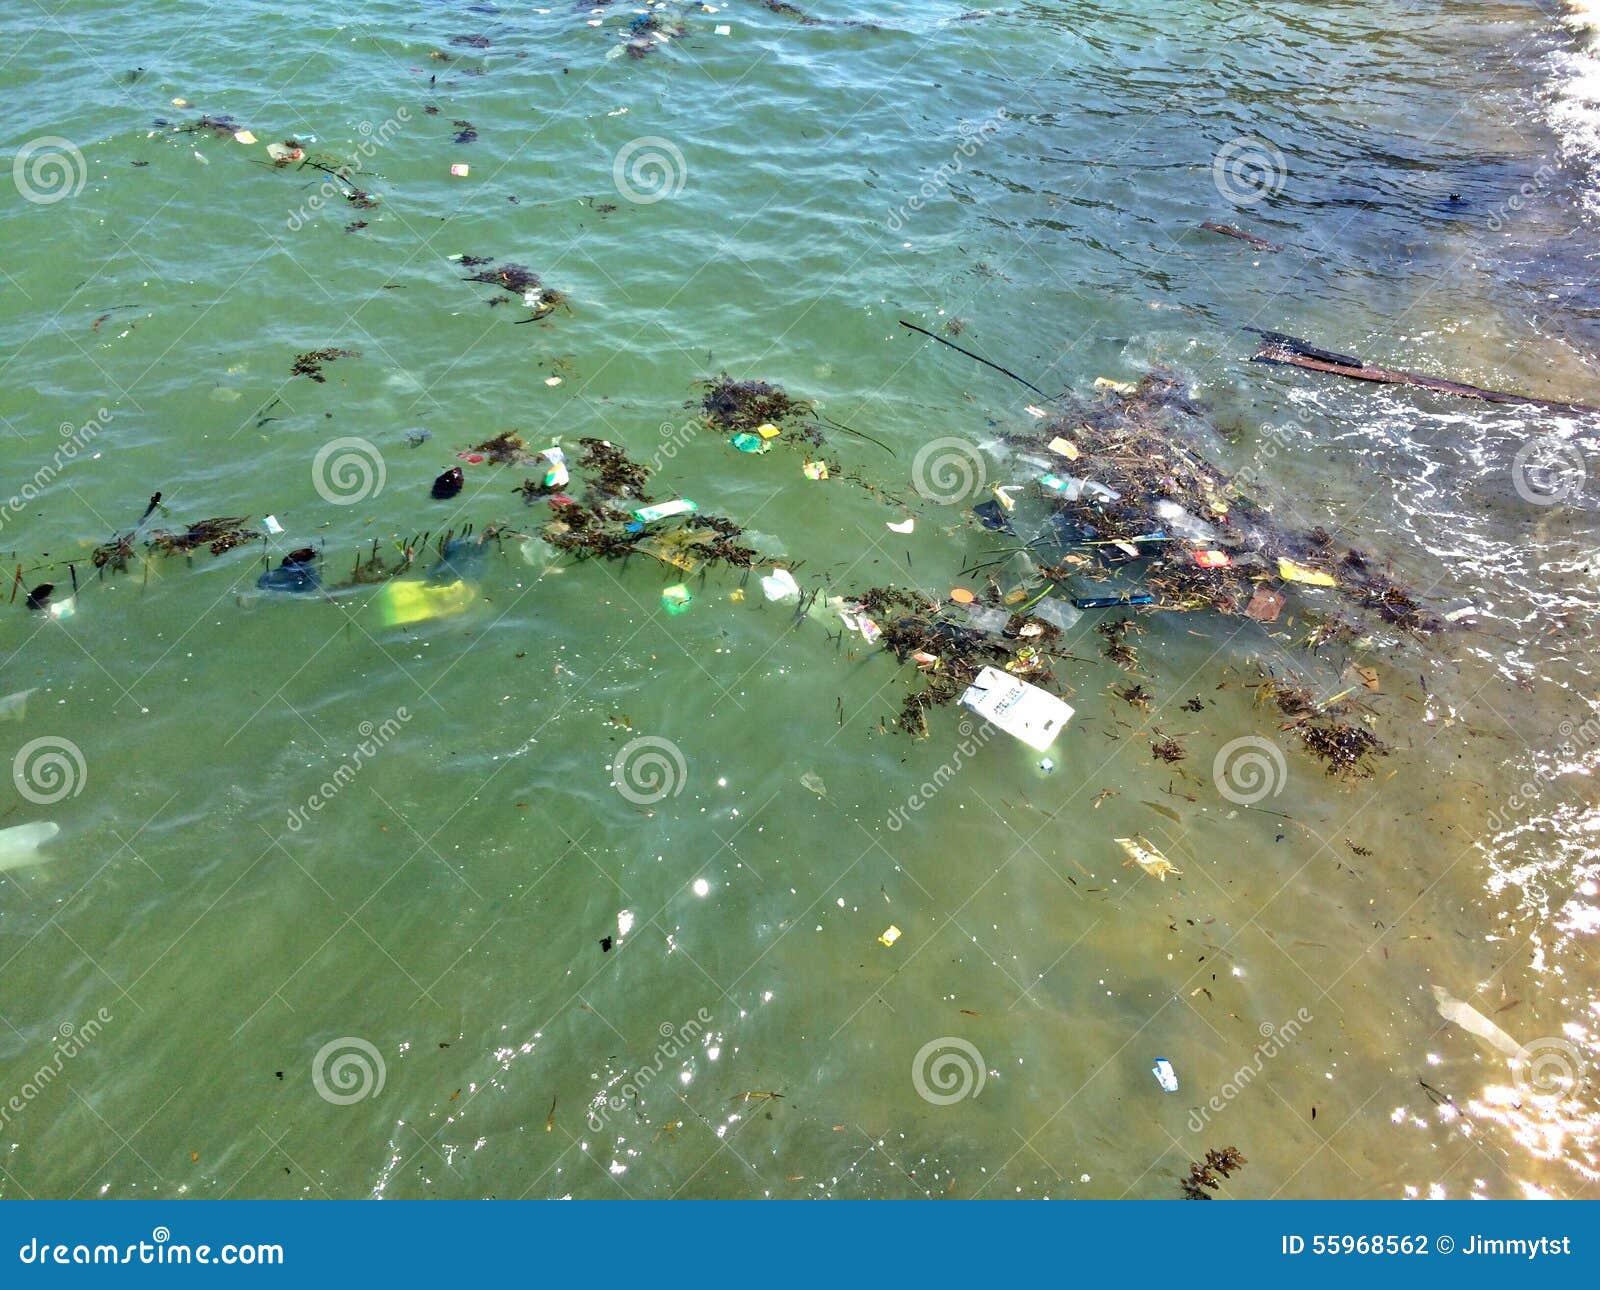 Neem nota van het groene water